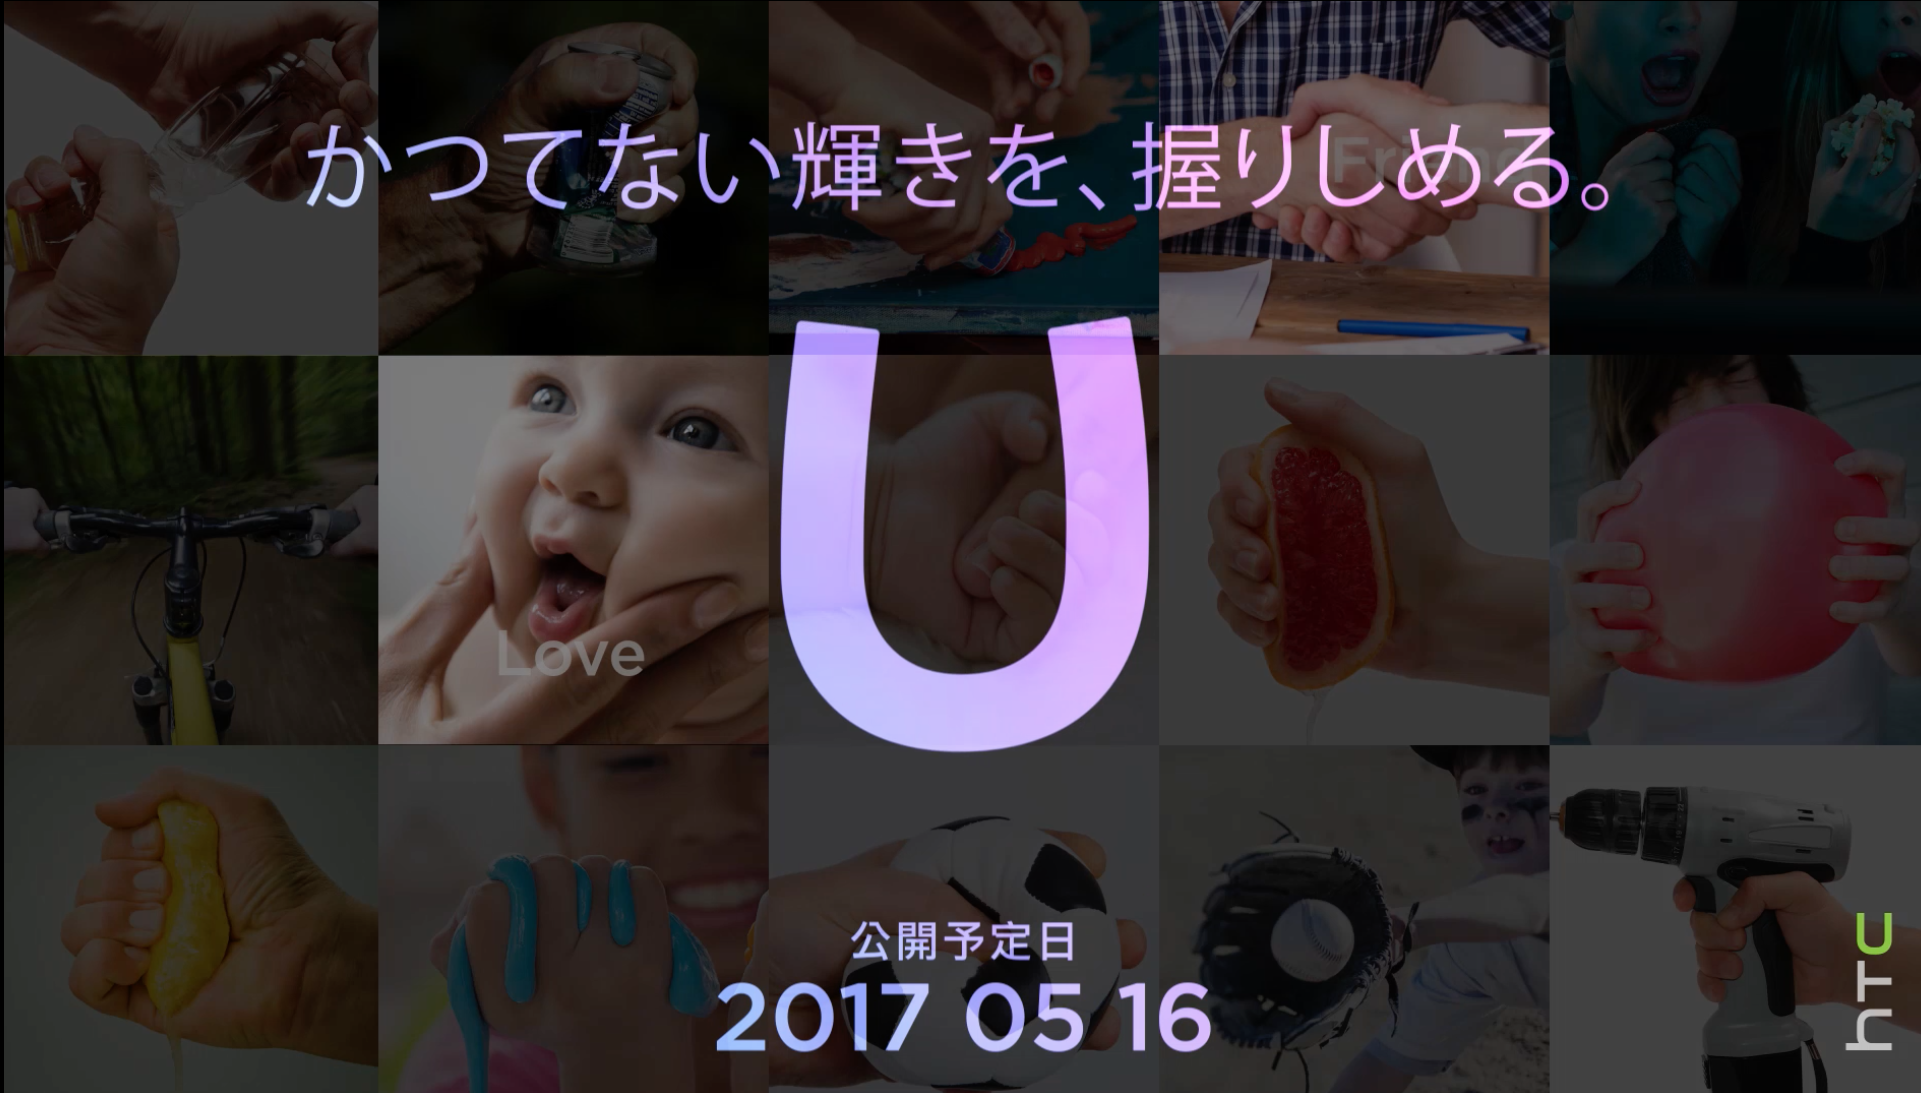 #HTCグローバルレポーター に選ばれたので台湾HTC本社から新製品発表会の様子などをお届けします!